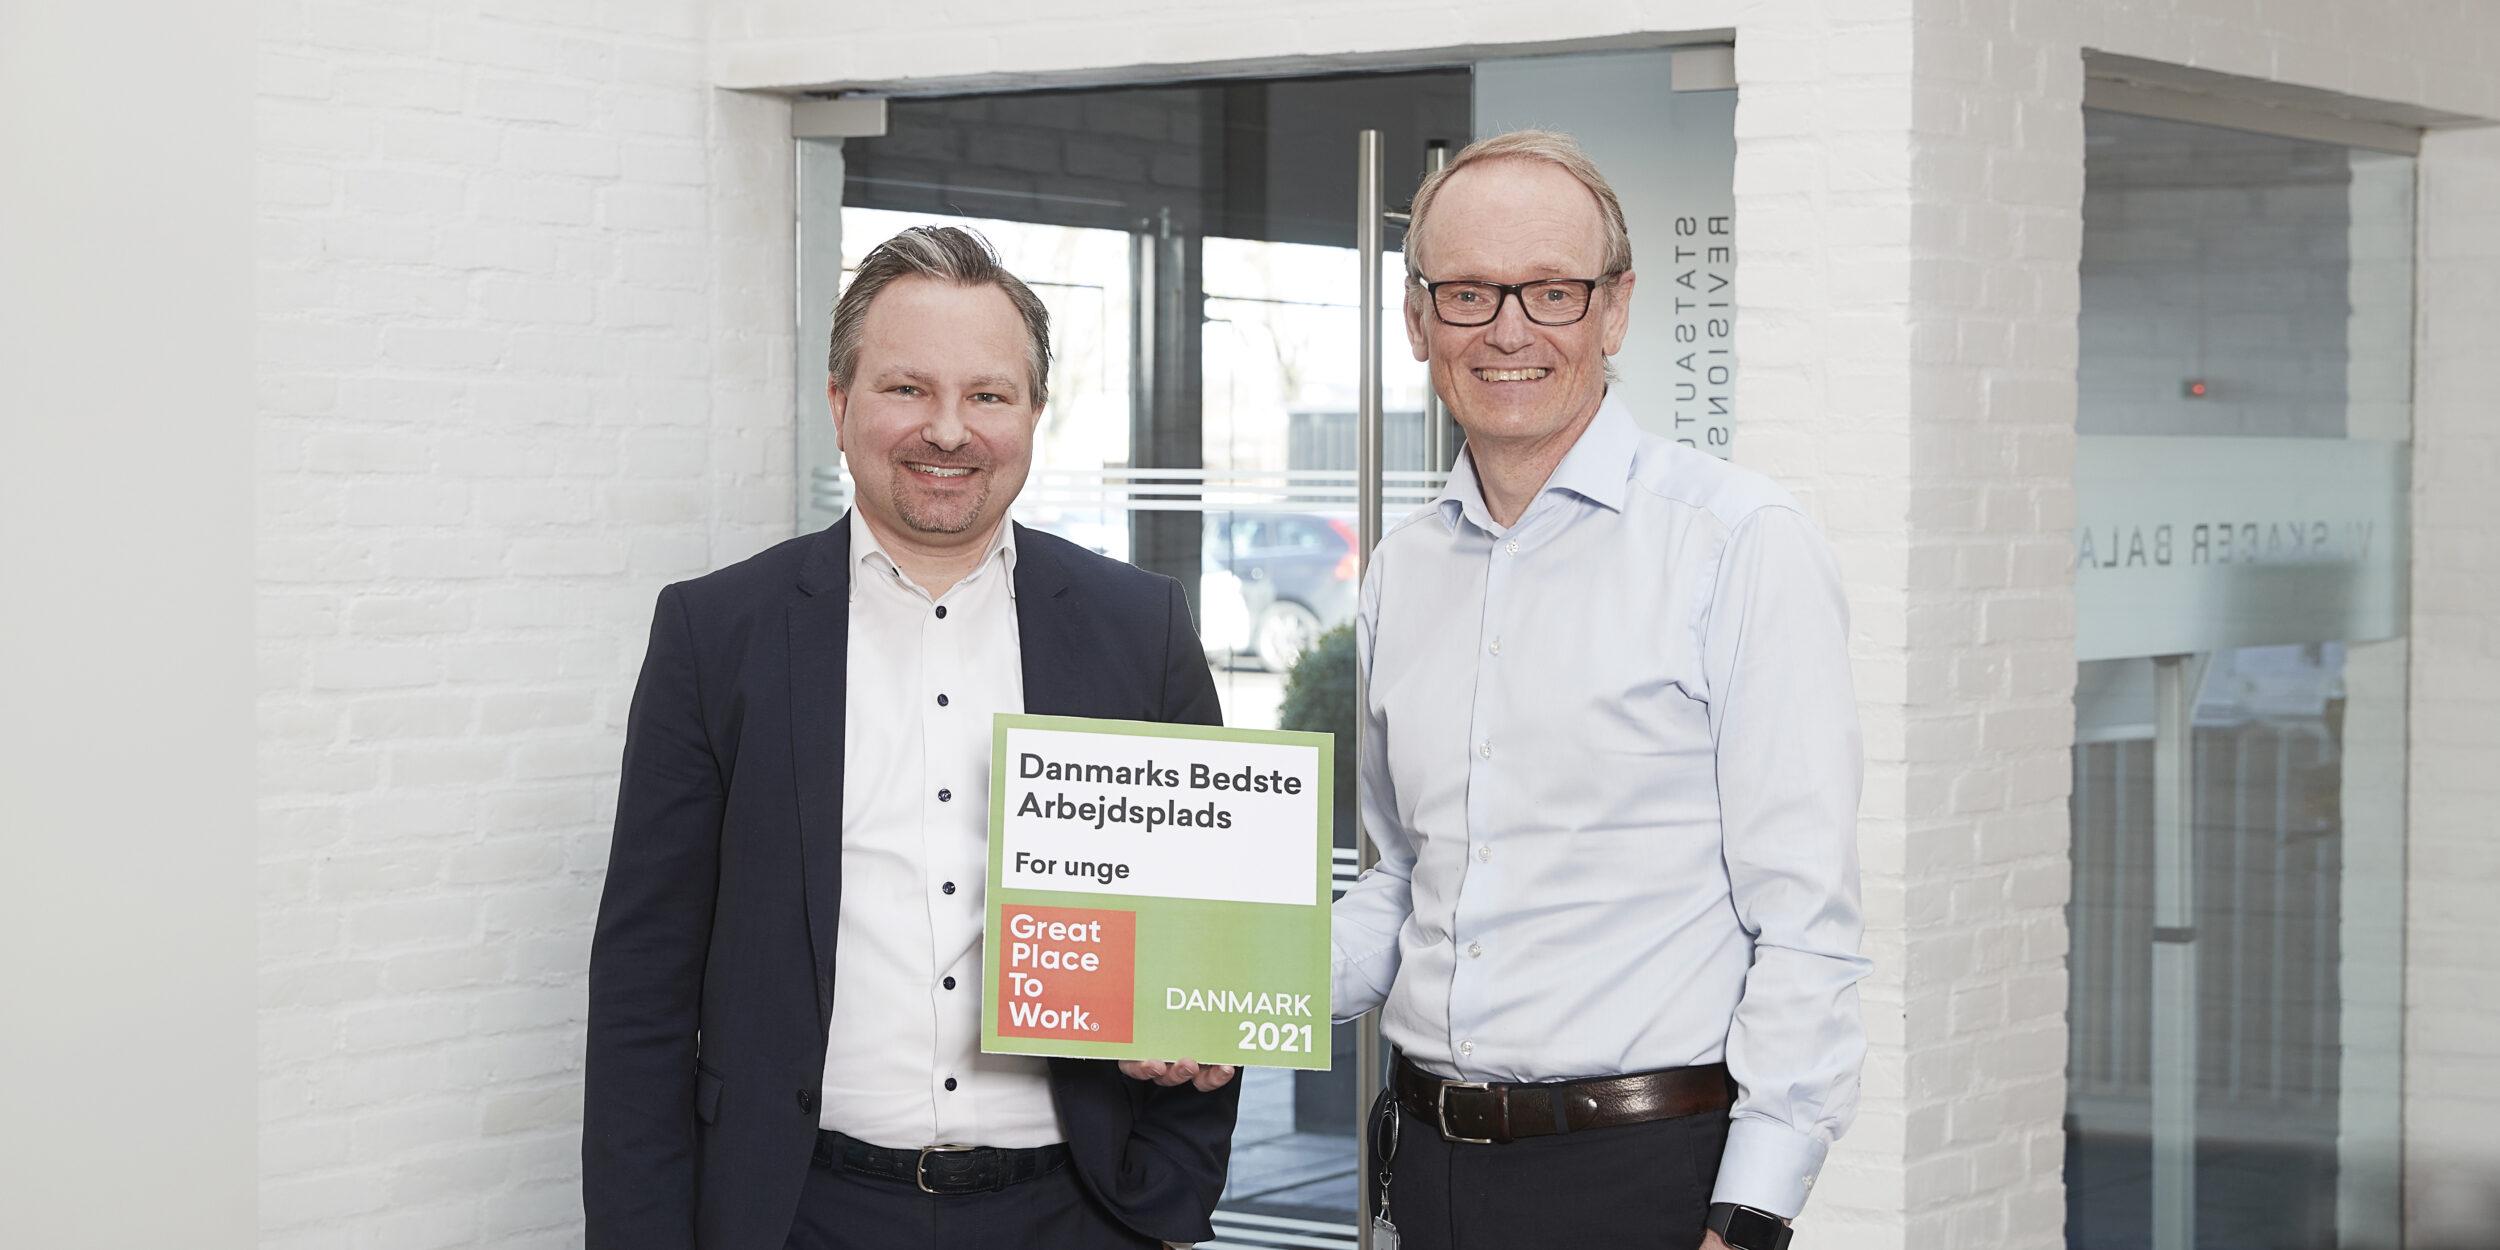 Danmarks bedste arbejdsplads  for unge under 25 år